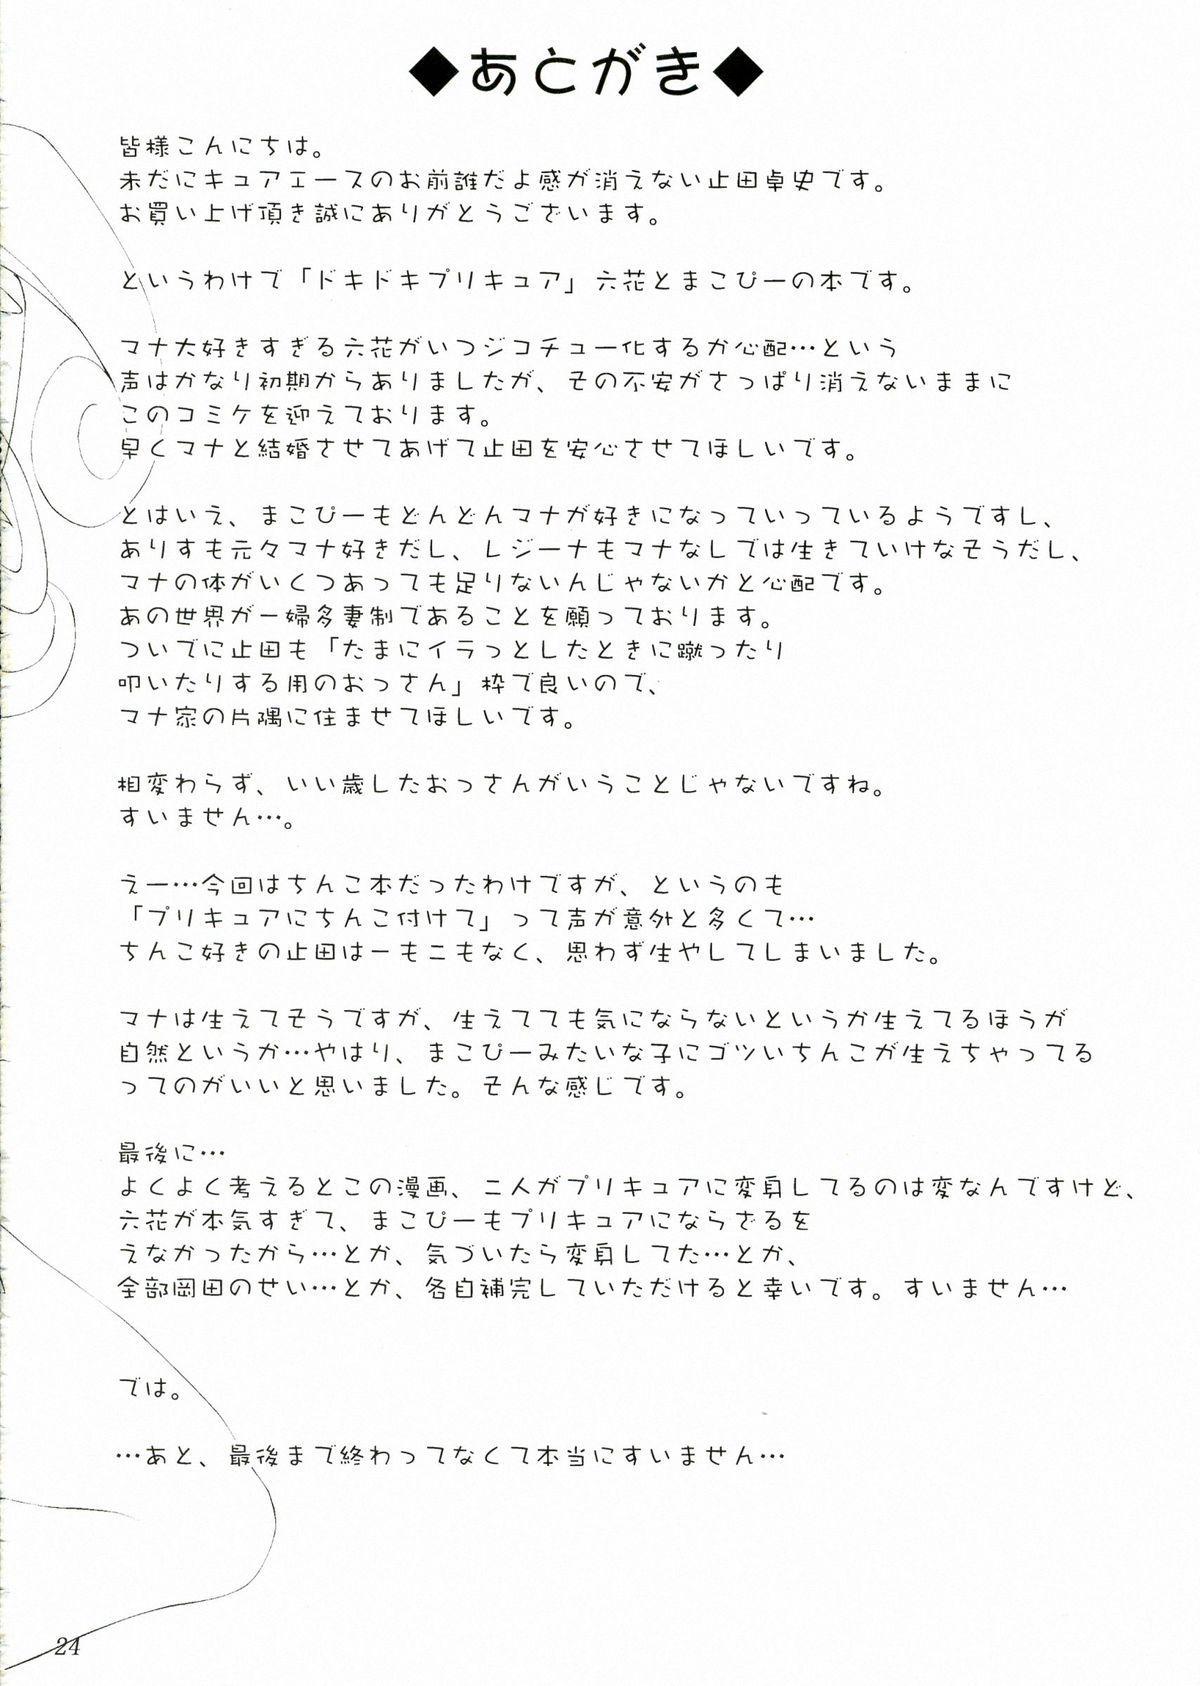 Makopi- ni Haeteta Chinpo wa Rikka ni Ijime rareru to Nando demo Shasei shichau no 23